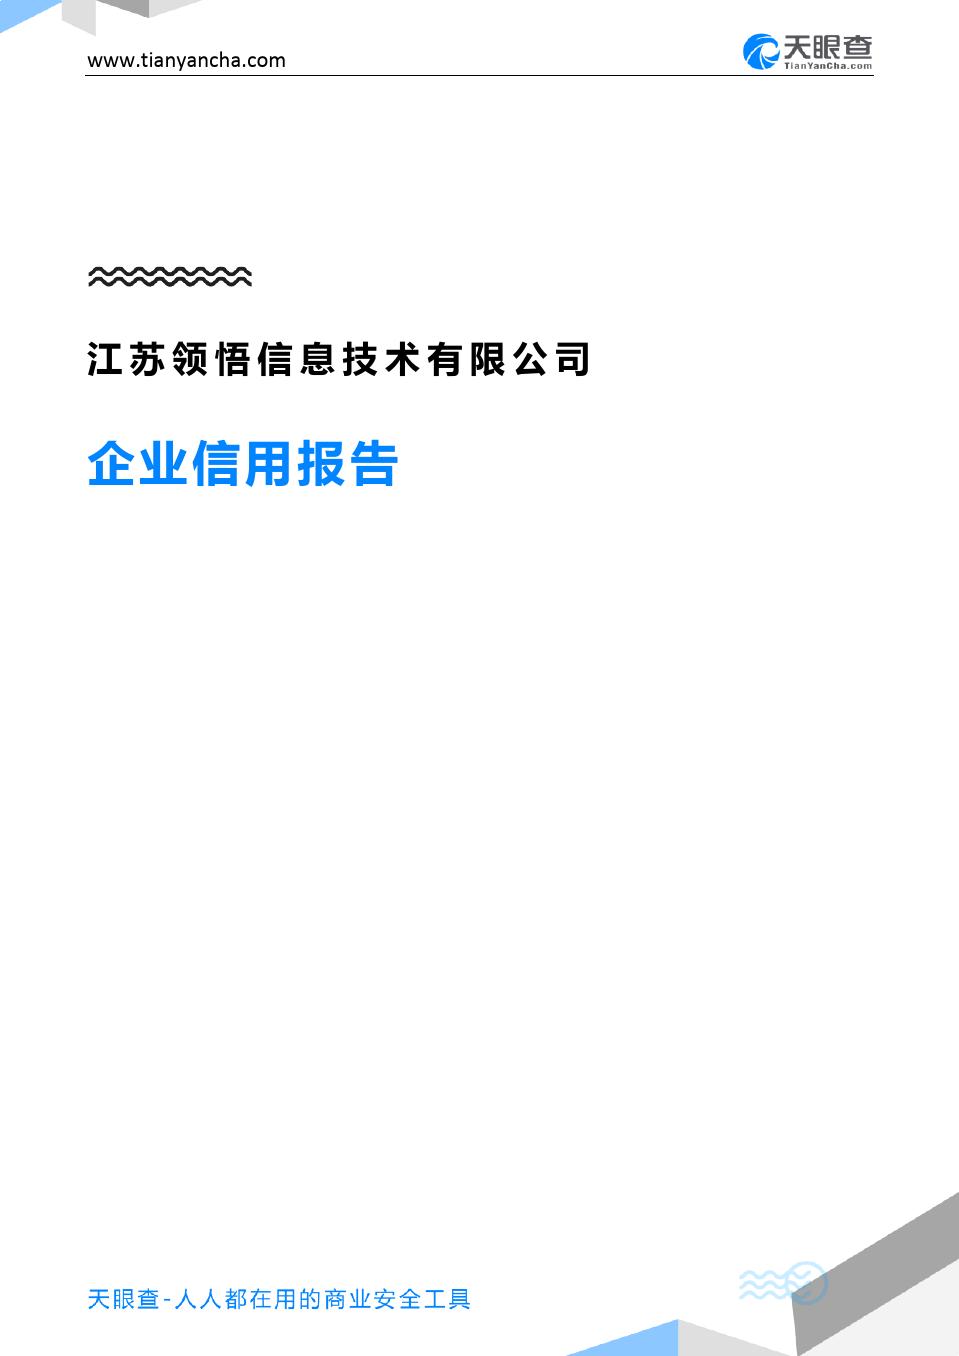 江苏领悟信息技术有限公司(企业信用报告)- 天眼查